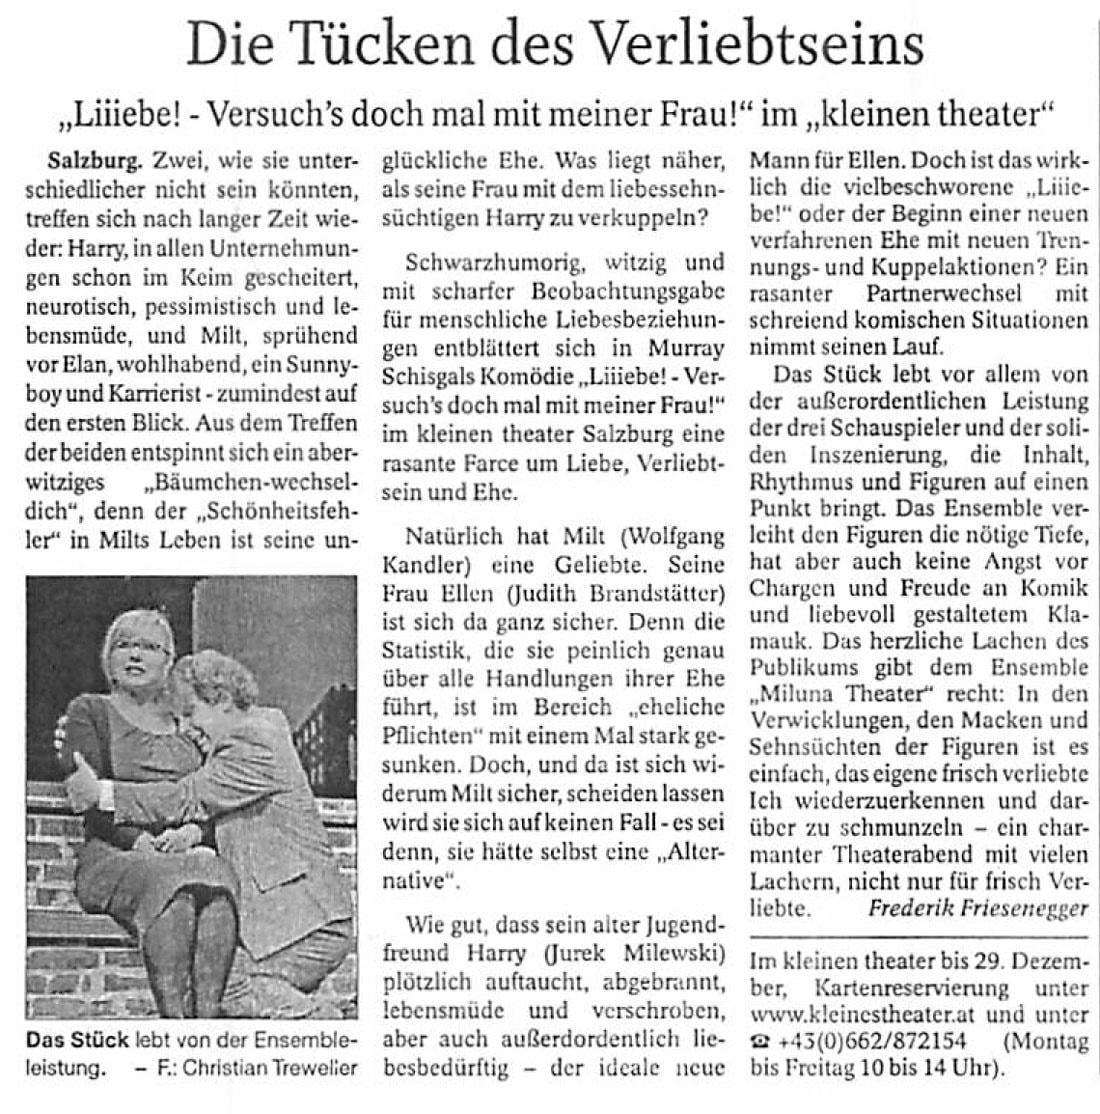 20181016 KRI reichenhallertagblatt Liiiebe - Die Tücken des Verliebtseins - Reichenhaller Tagblatt vom 16.10.2018